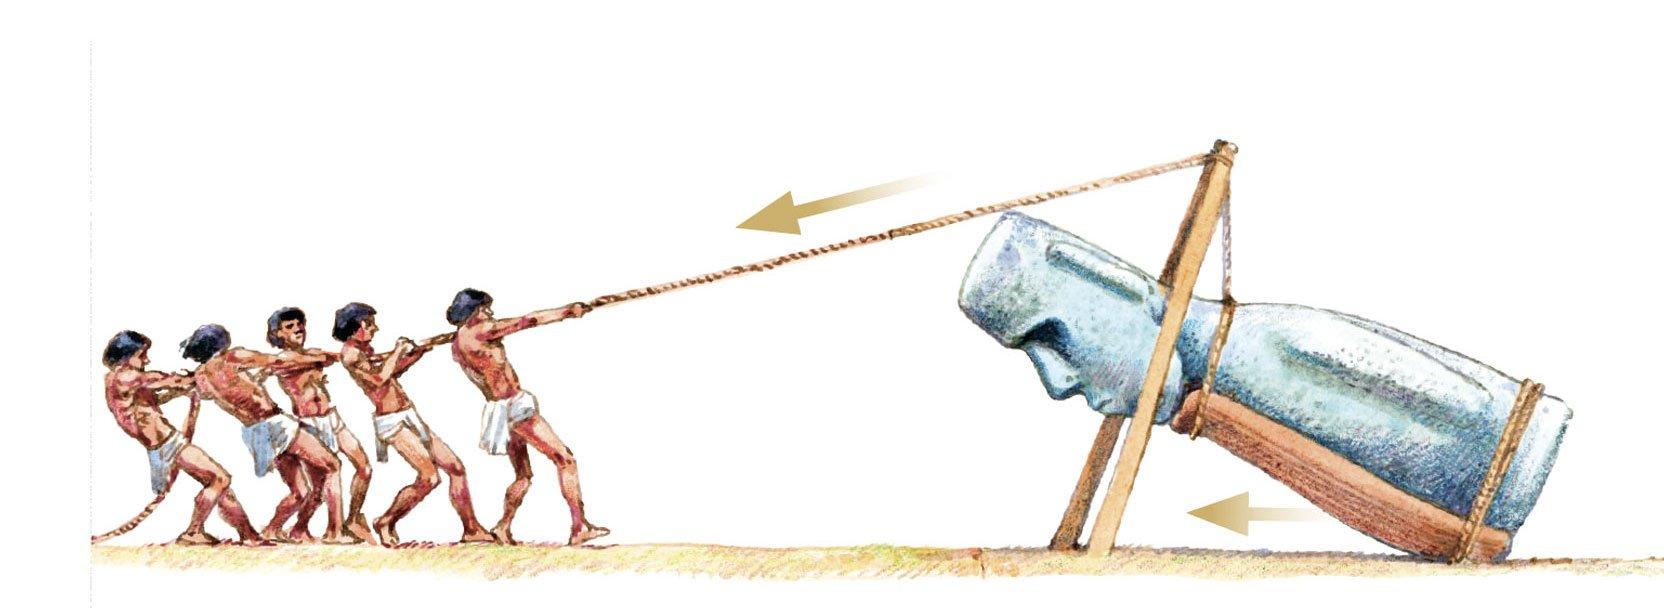 Trasporto di legno di cedro del Libano con navi fenicie. Rilievo del palazzo del re Sargon II d'Assiria a Khorsabad. VIII secolo a.C. Musée du Louvre, Parigi